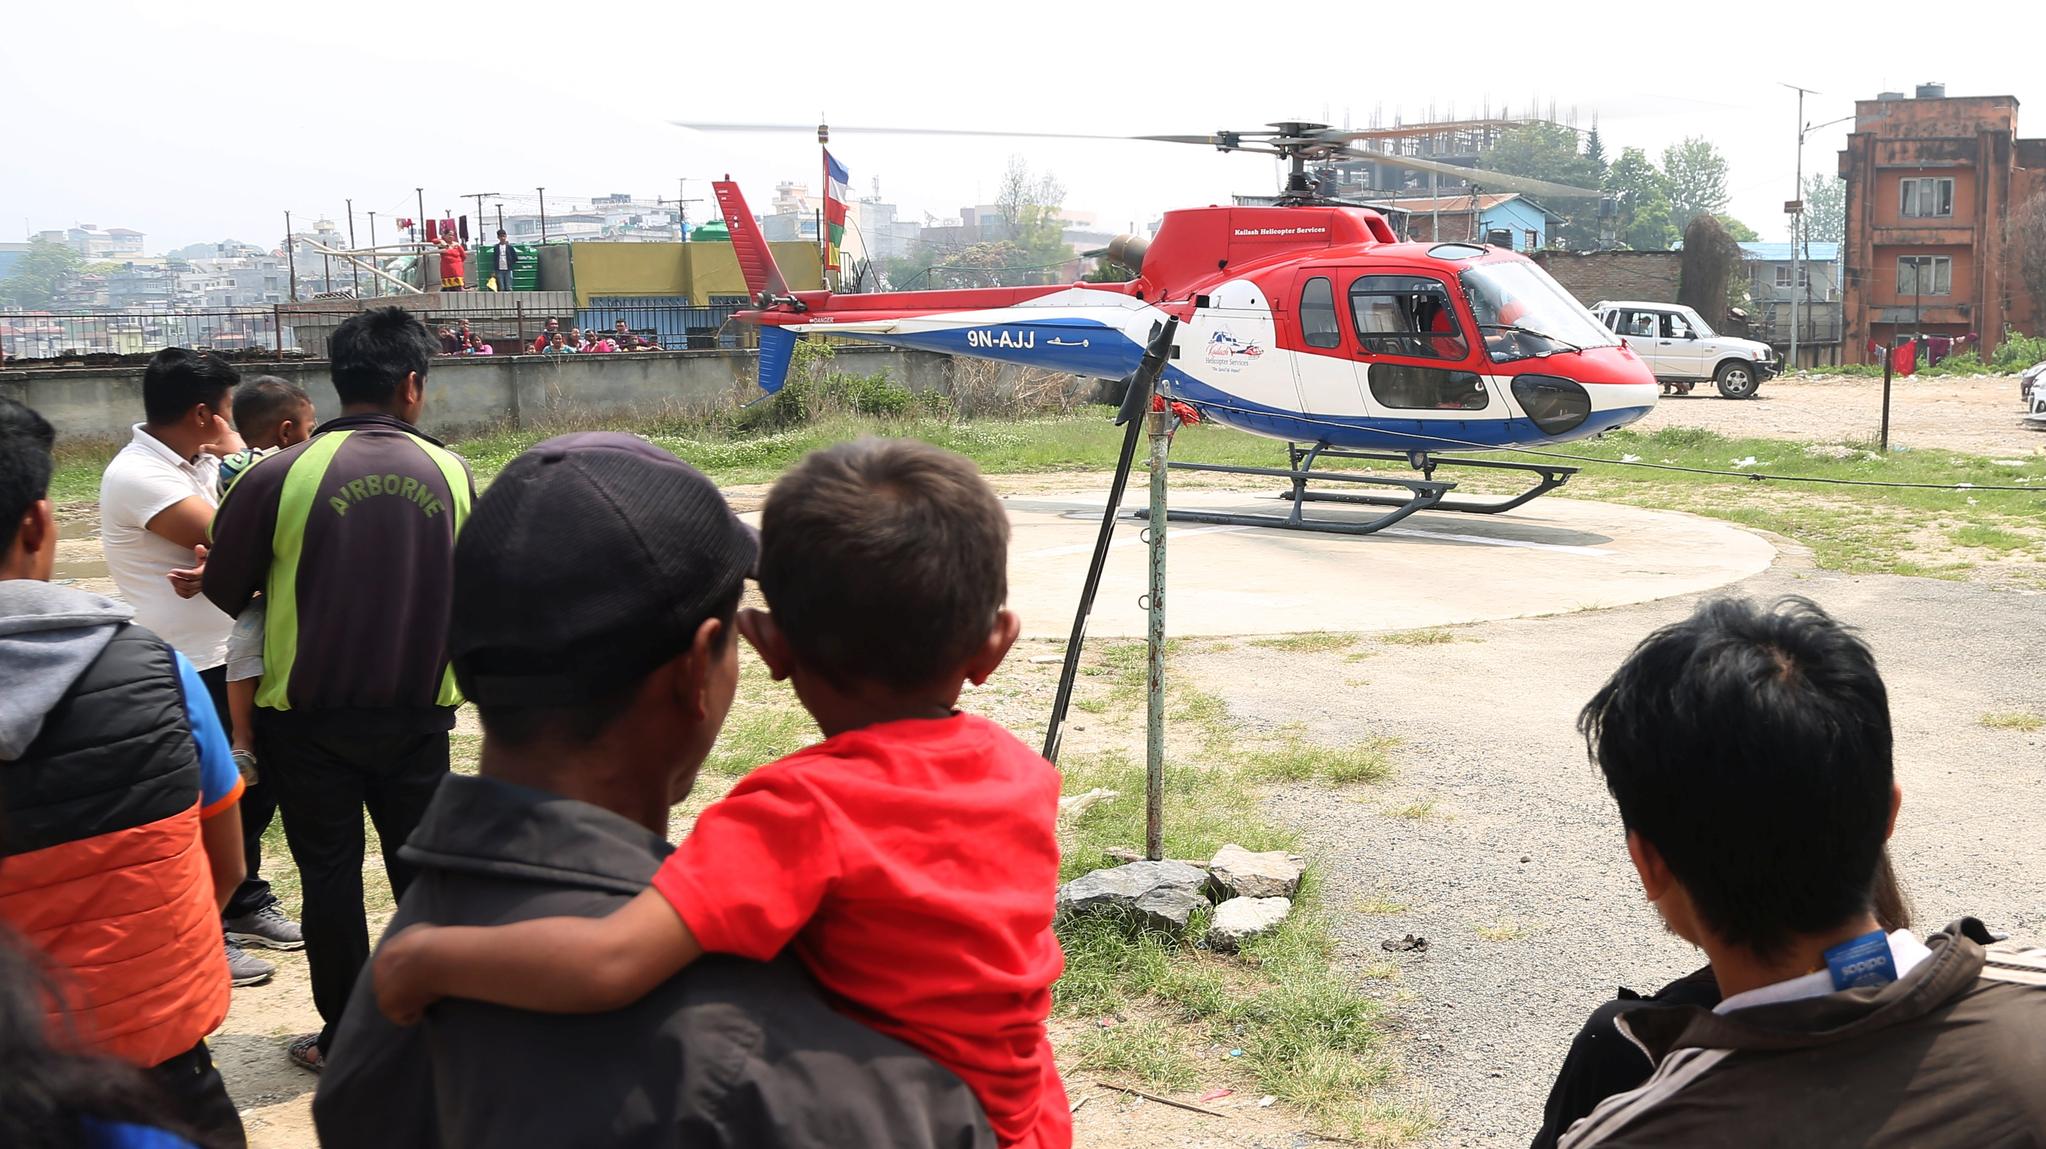 14일(현지시간) 네팔 에베레스트산 관문 루클라의 텐징-힐러리 공항에서 서미트항공 소속 소형비행기가 이륙 도중 주기된 헬리콥터와 충돌했다. 현지 주민들이 희생자를 이송하는 헬기를 바라보고 있다. [신화=연합뉴스]